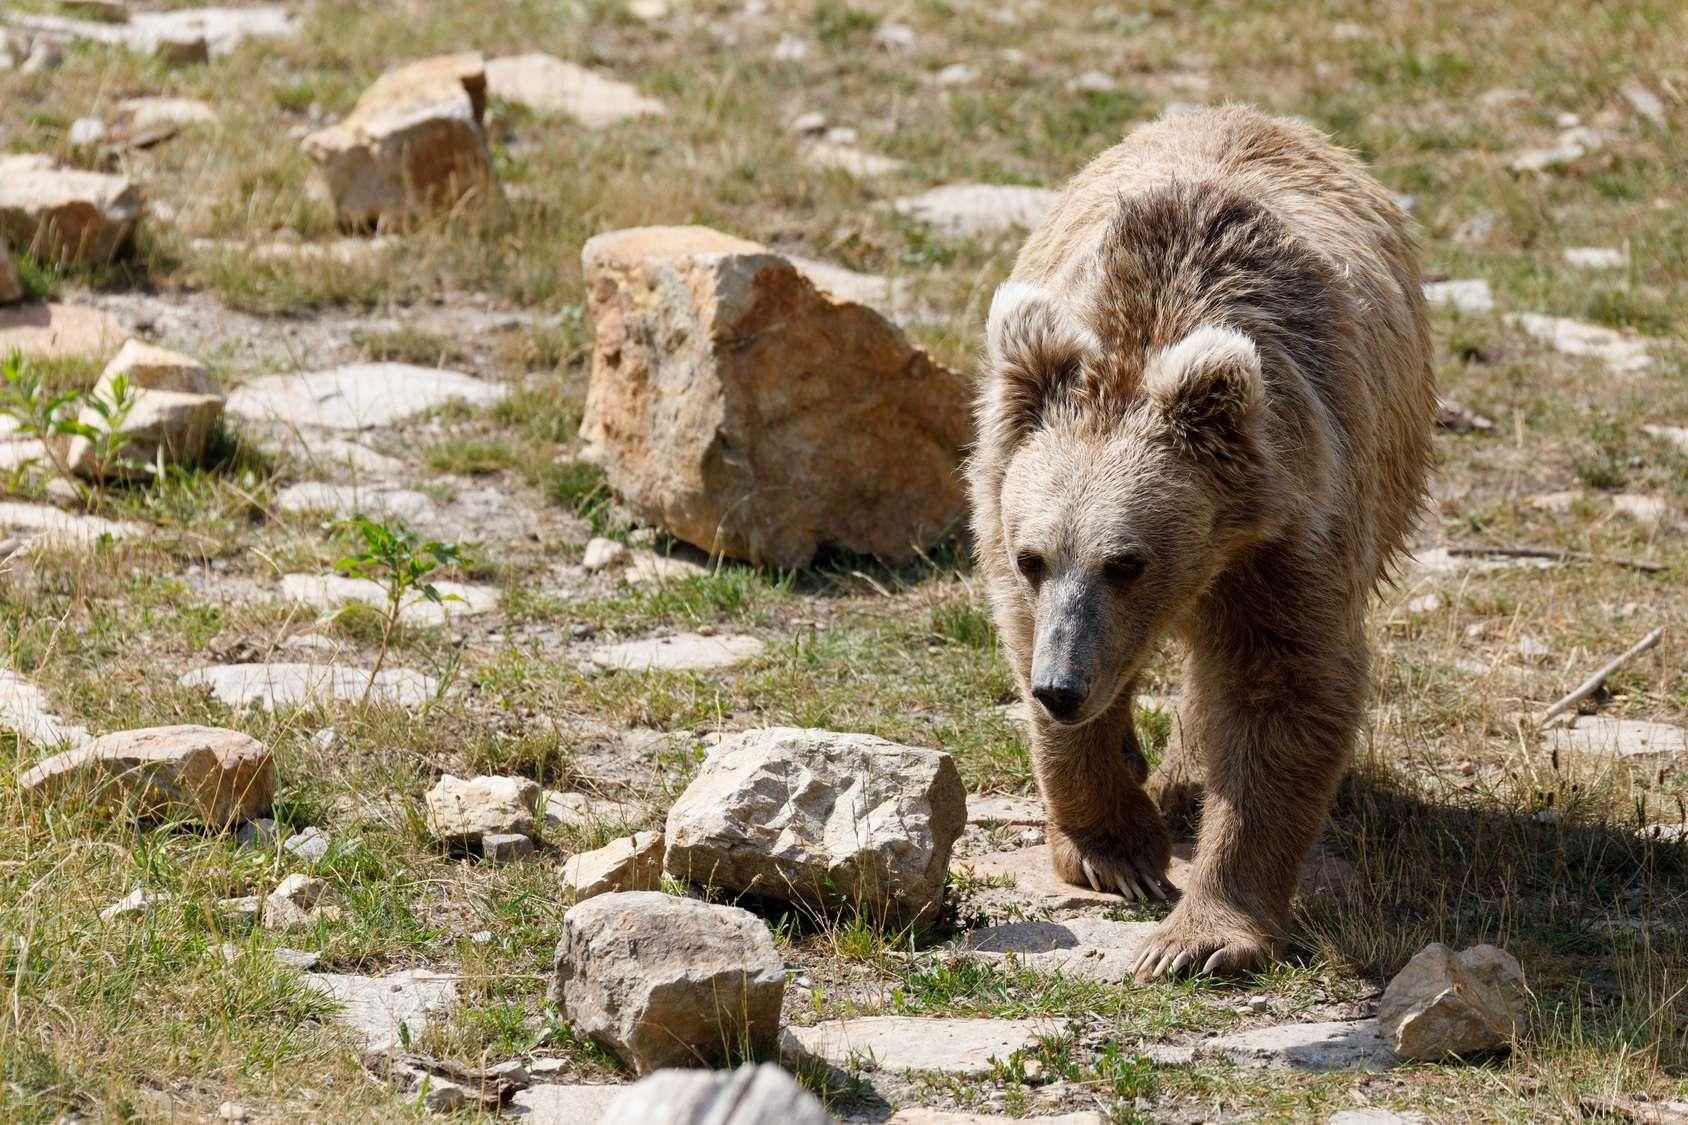 Un ourson a été sauvé de justesse par une famille alors qu'il tentait de nager avec la tête prise dans un bocal en plastique © artush, Fotolia